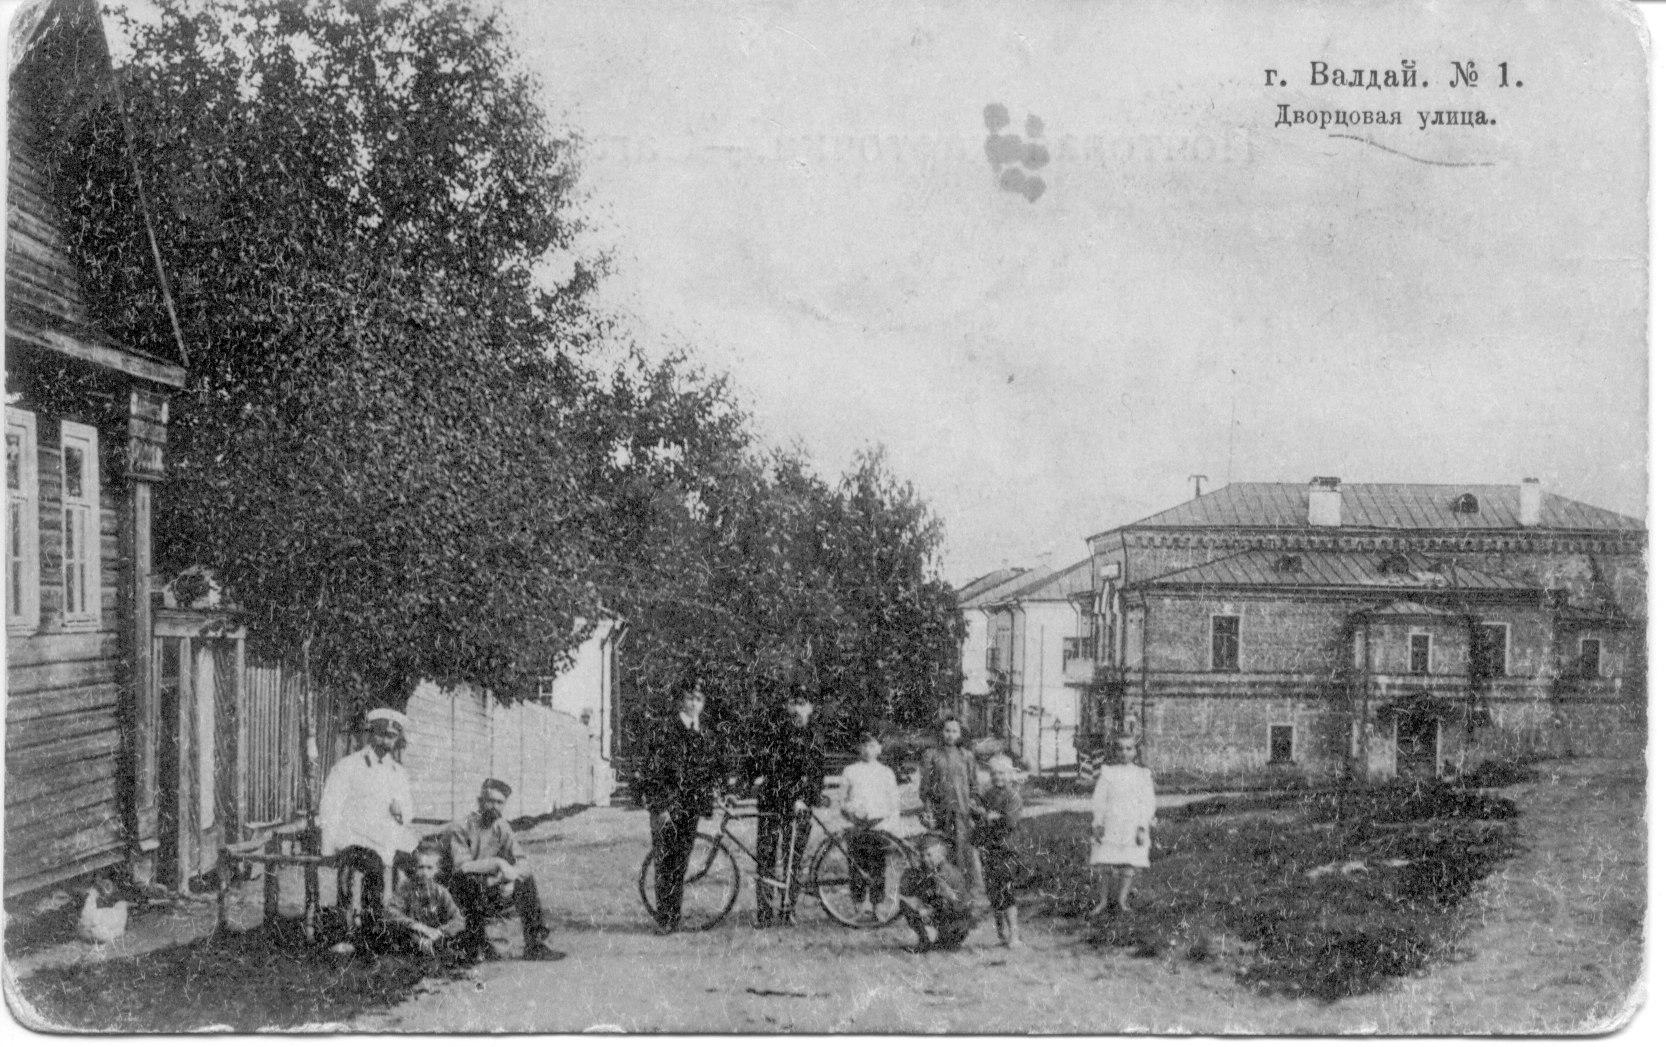 Дворцовая улица, справа здание Вольного пожарного общества